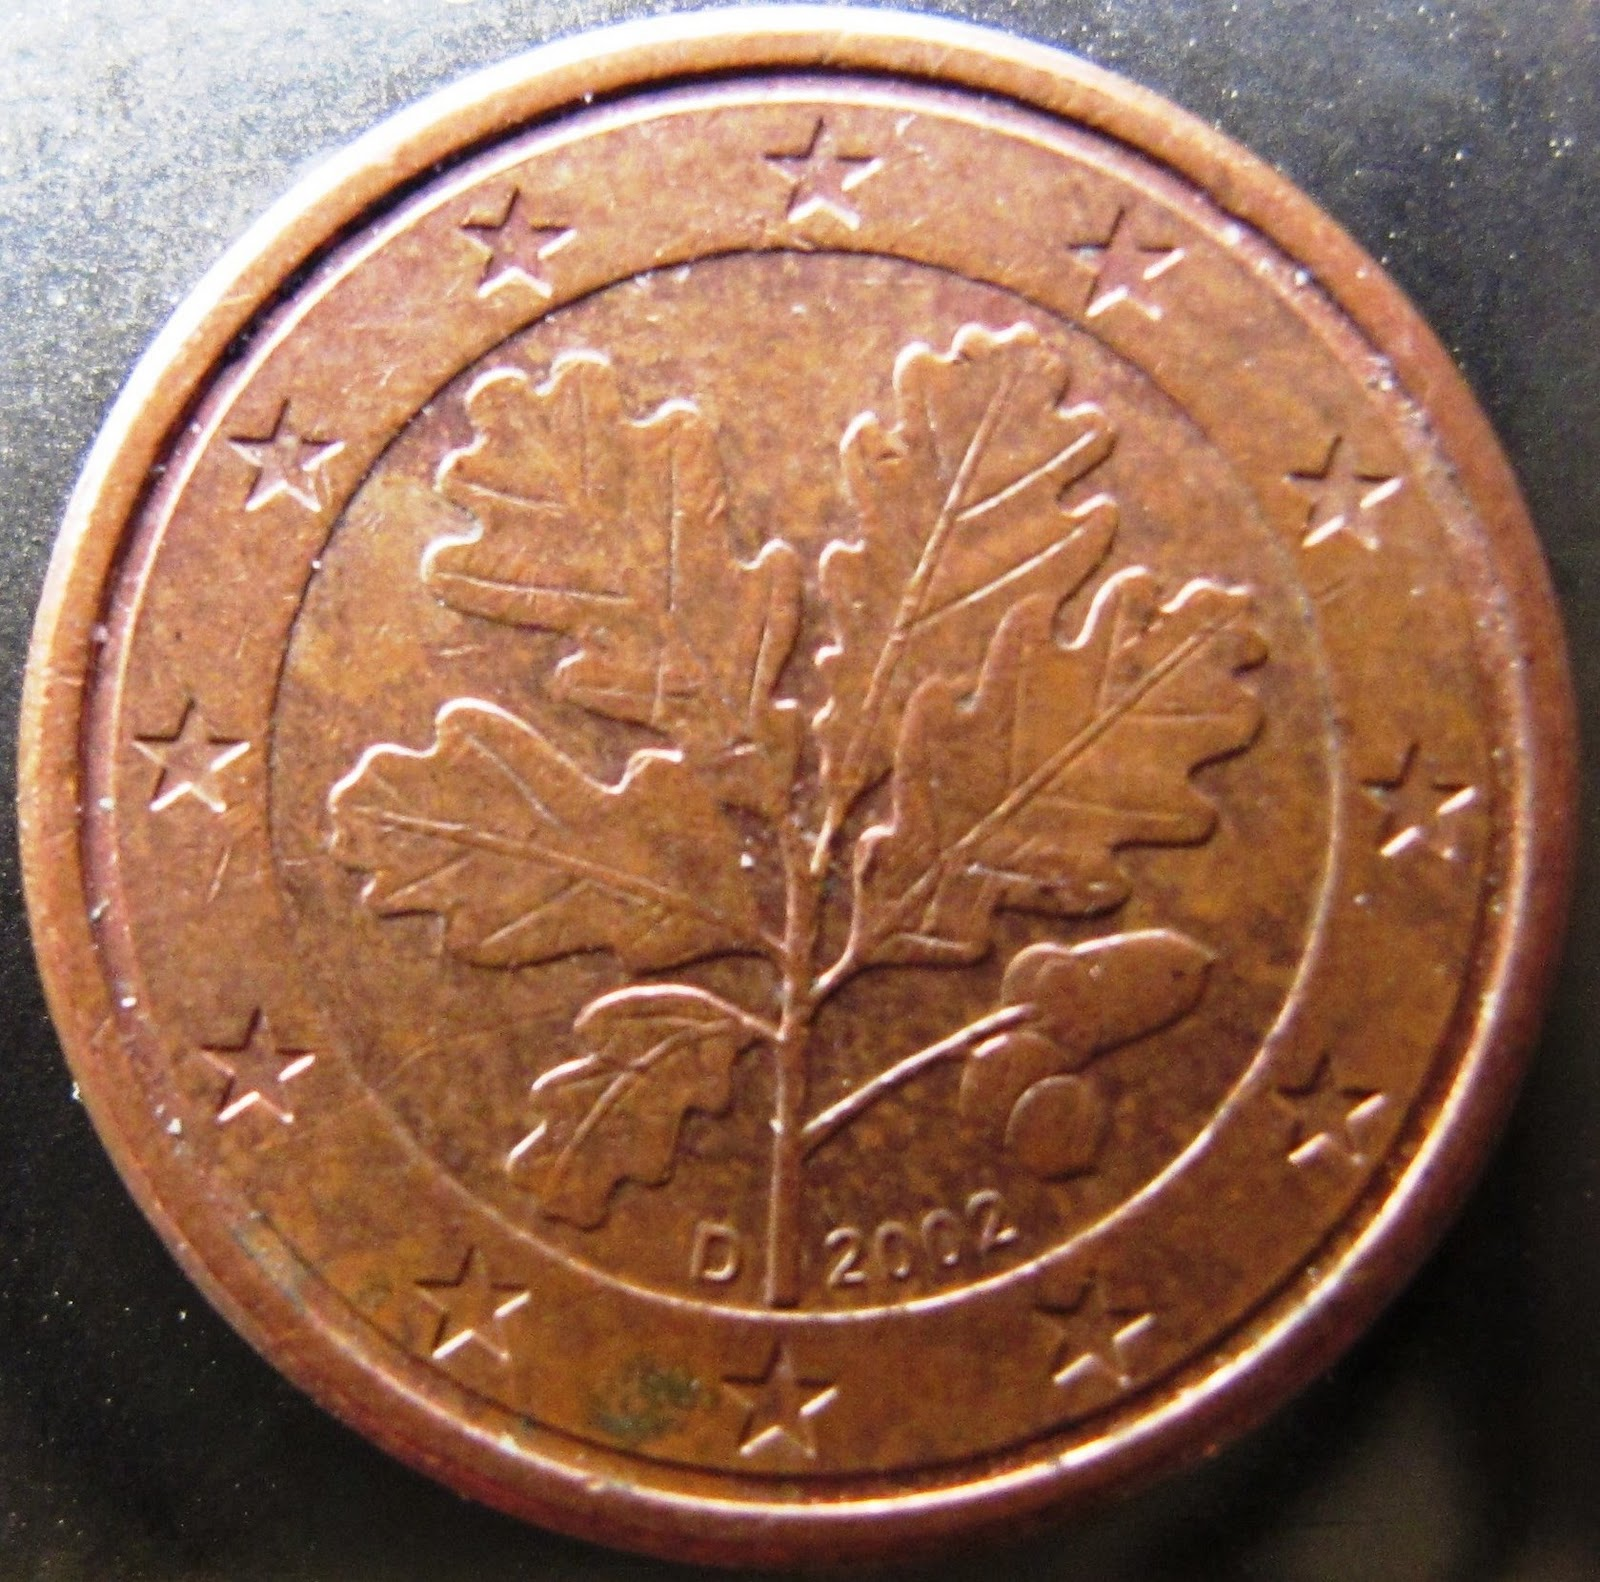 5CentMünze Vereinigte Staaten  Wikipedia